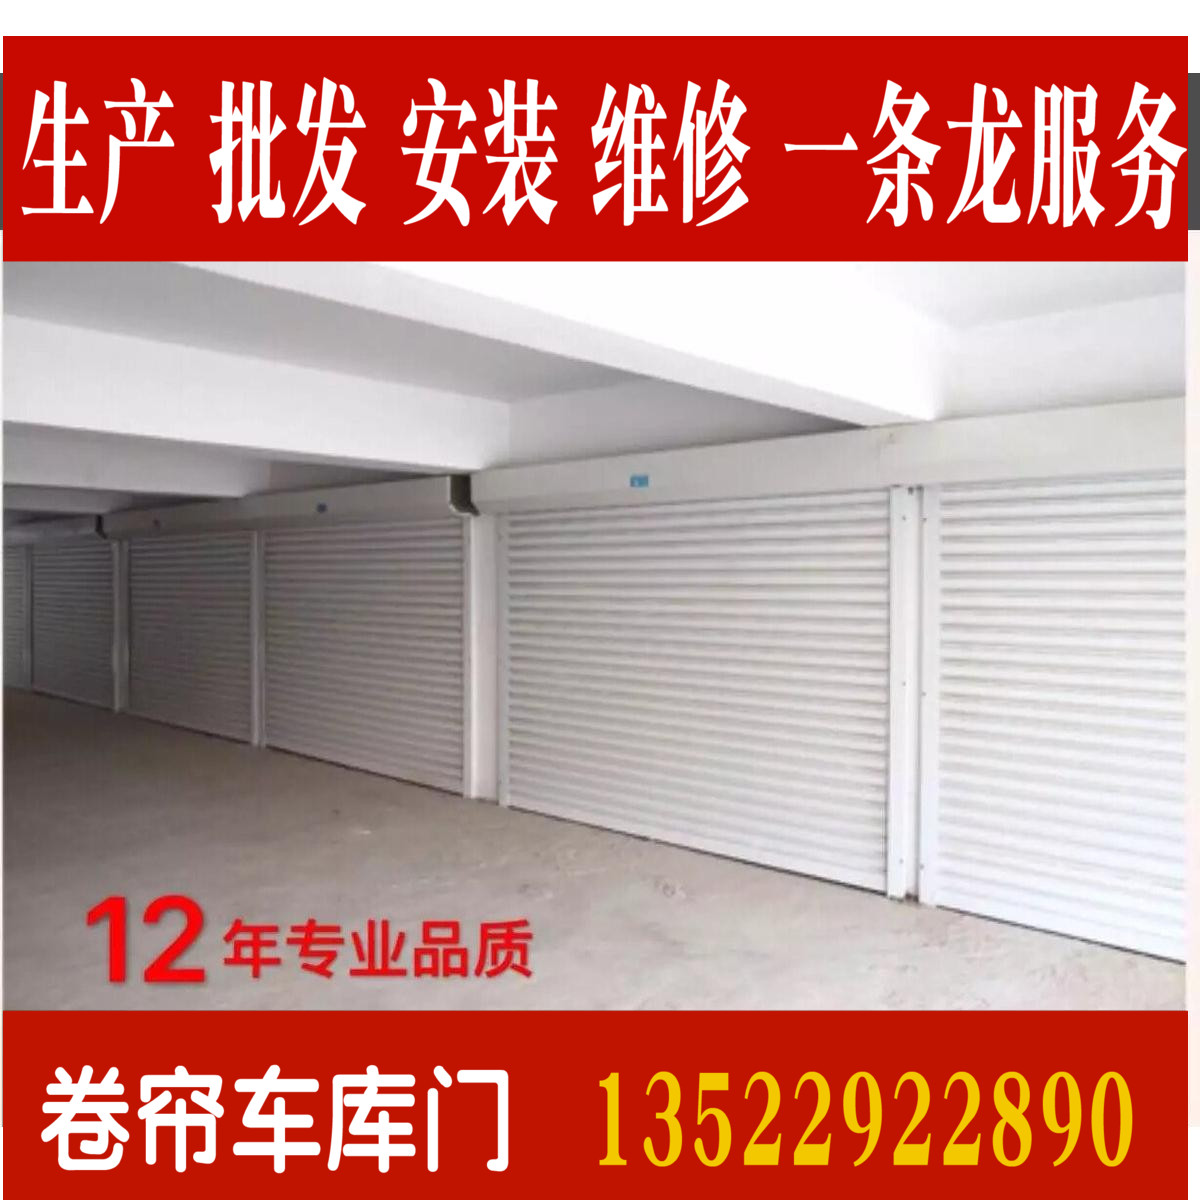 北京はヨーロッパのヒット保温ドア電気車庫ドアのアルミニウム合金の亜鉛抗風のシャッターステンレスのガラス戸